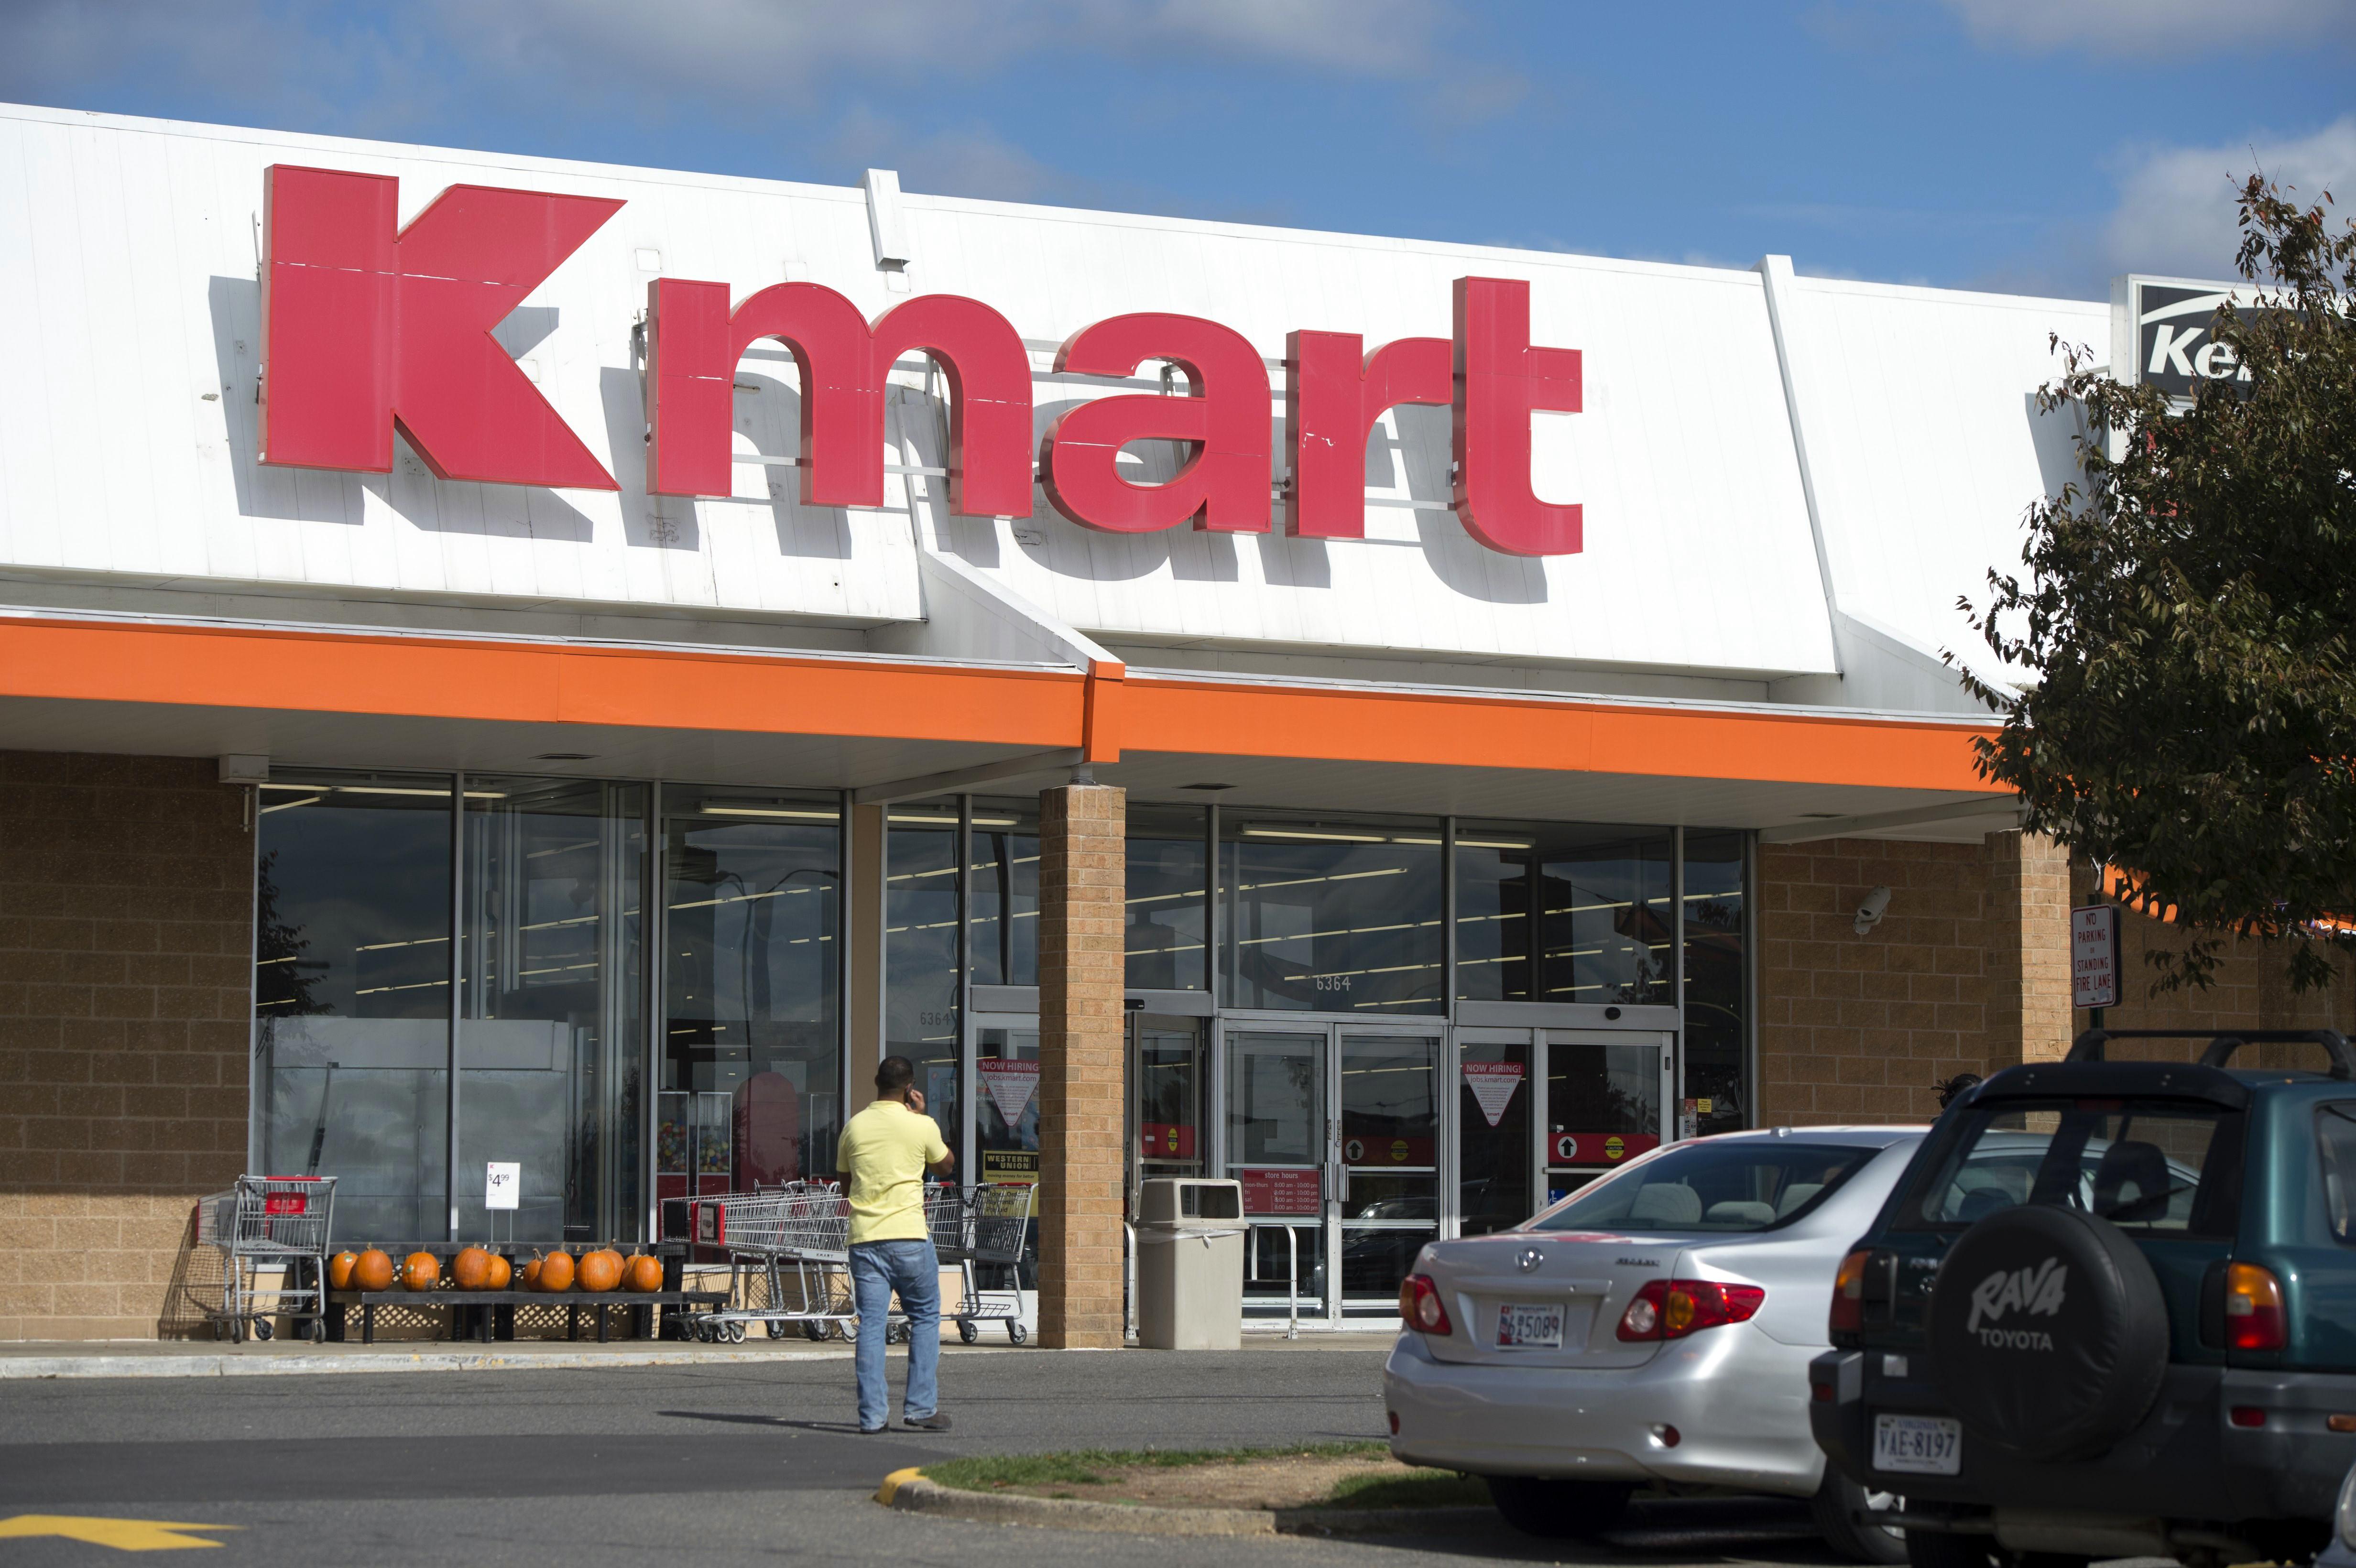 A Kmart department store is seen in Springfield, Virginia, October 23, 2014.